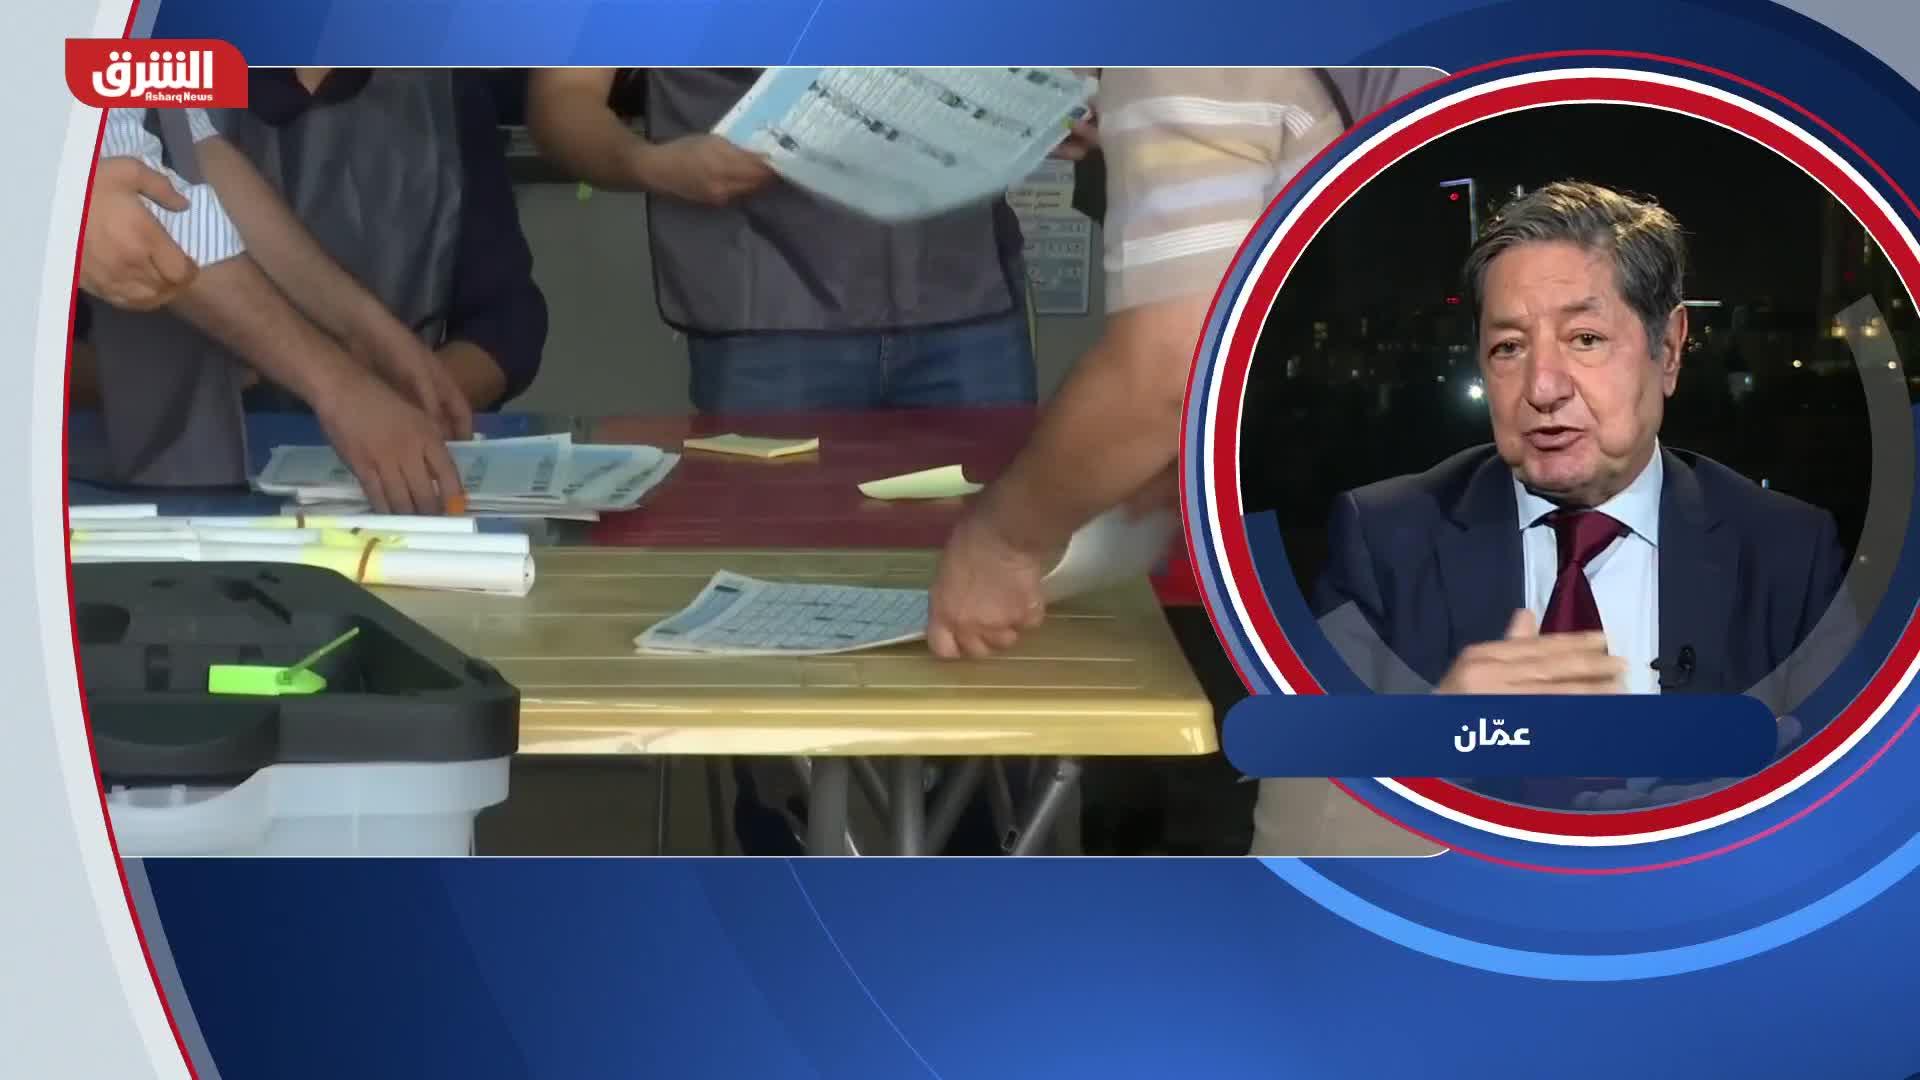 العراق.. نتائج الانتخابات وقلق من القادم